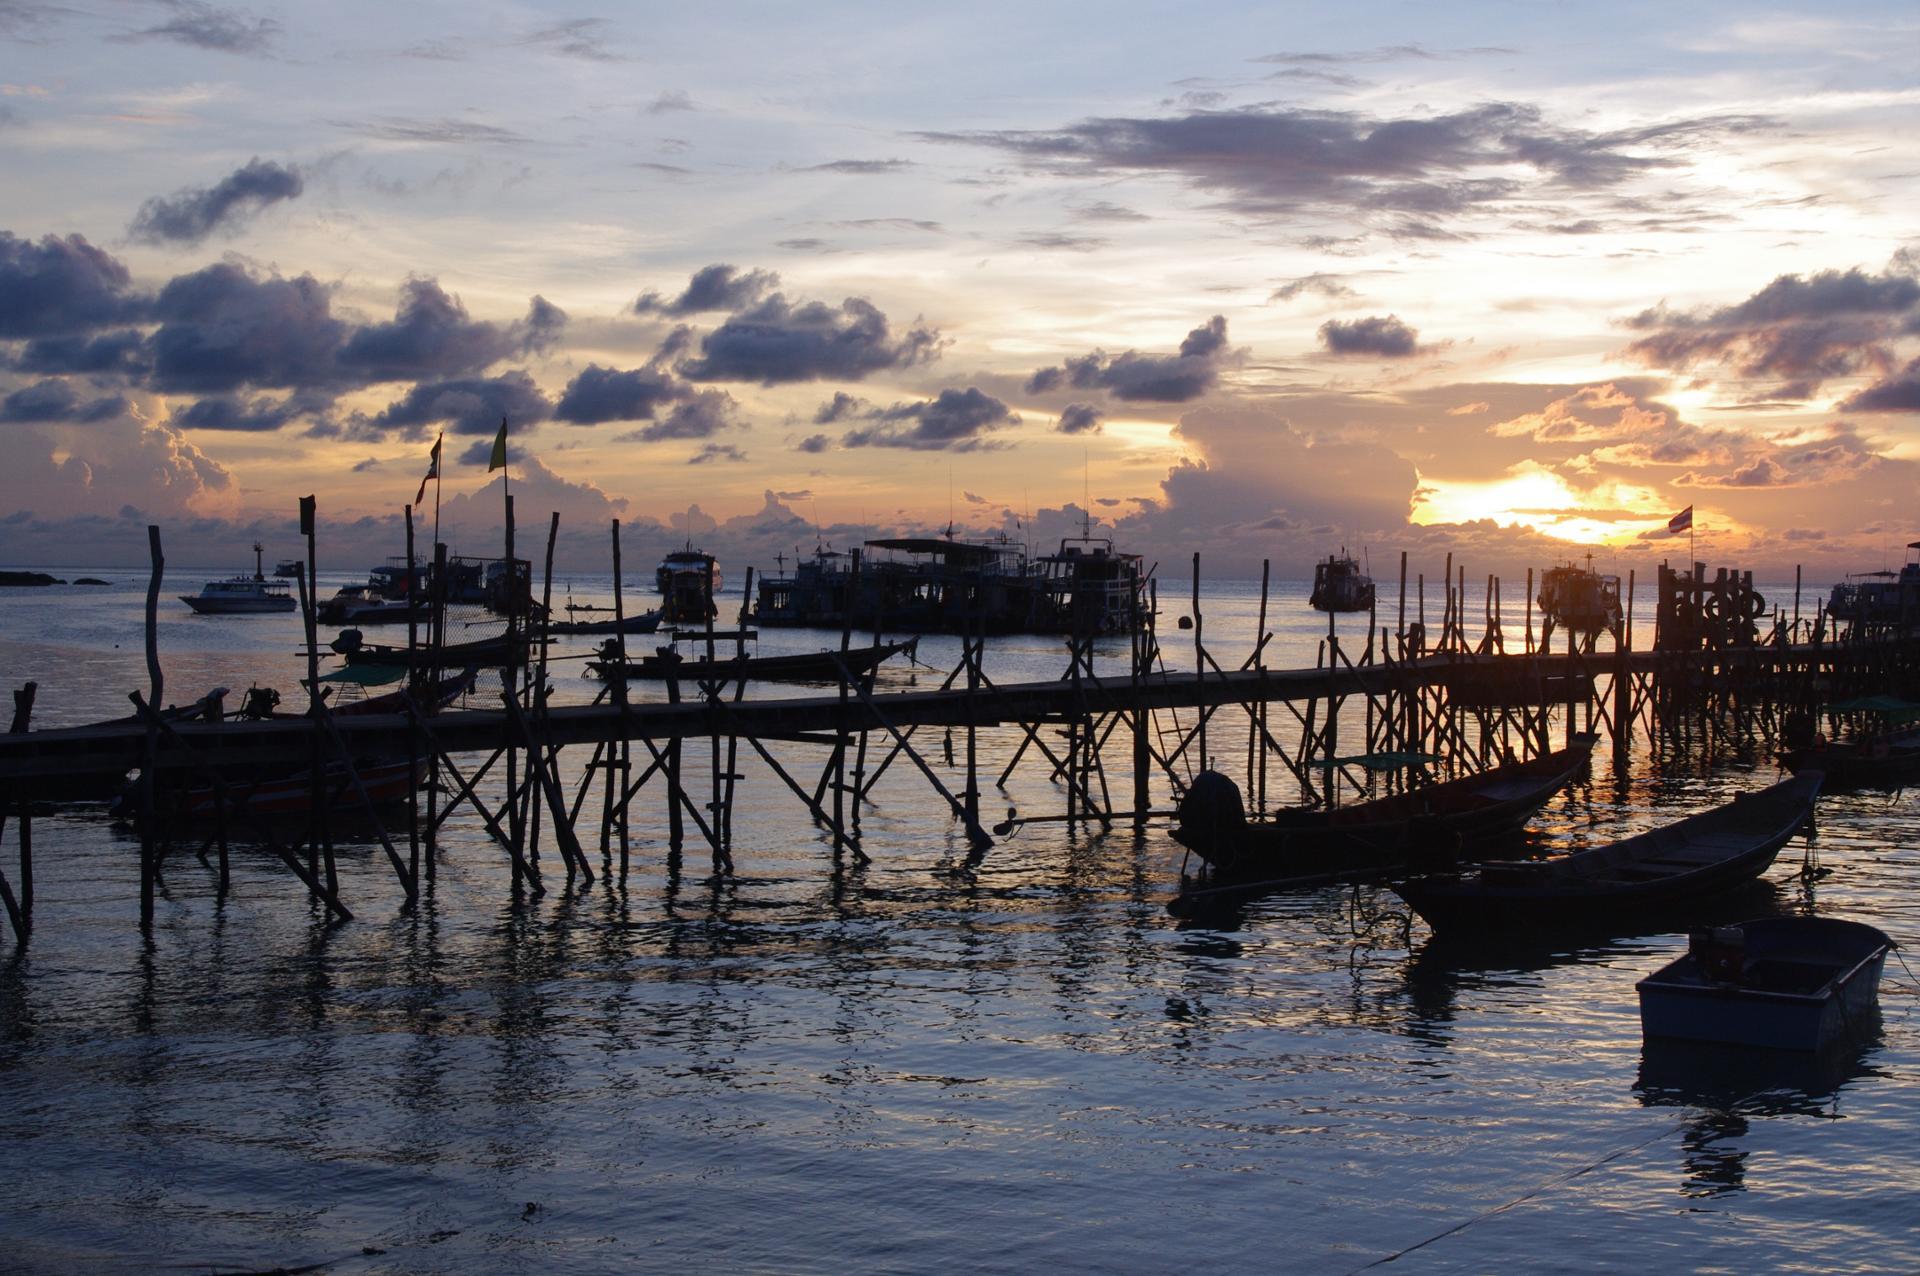 port de Koh Tao, Thailande